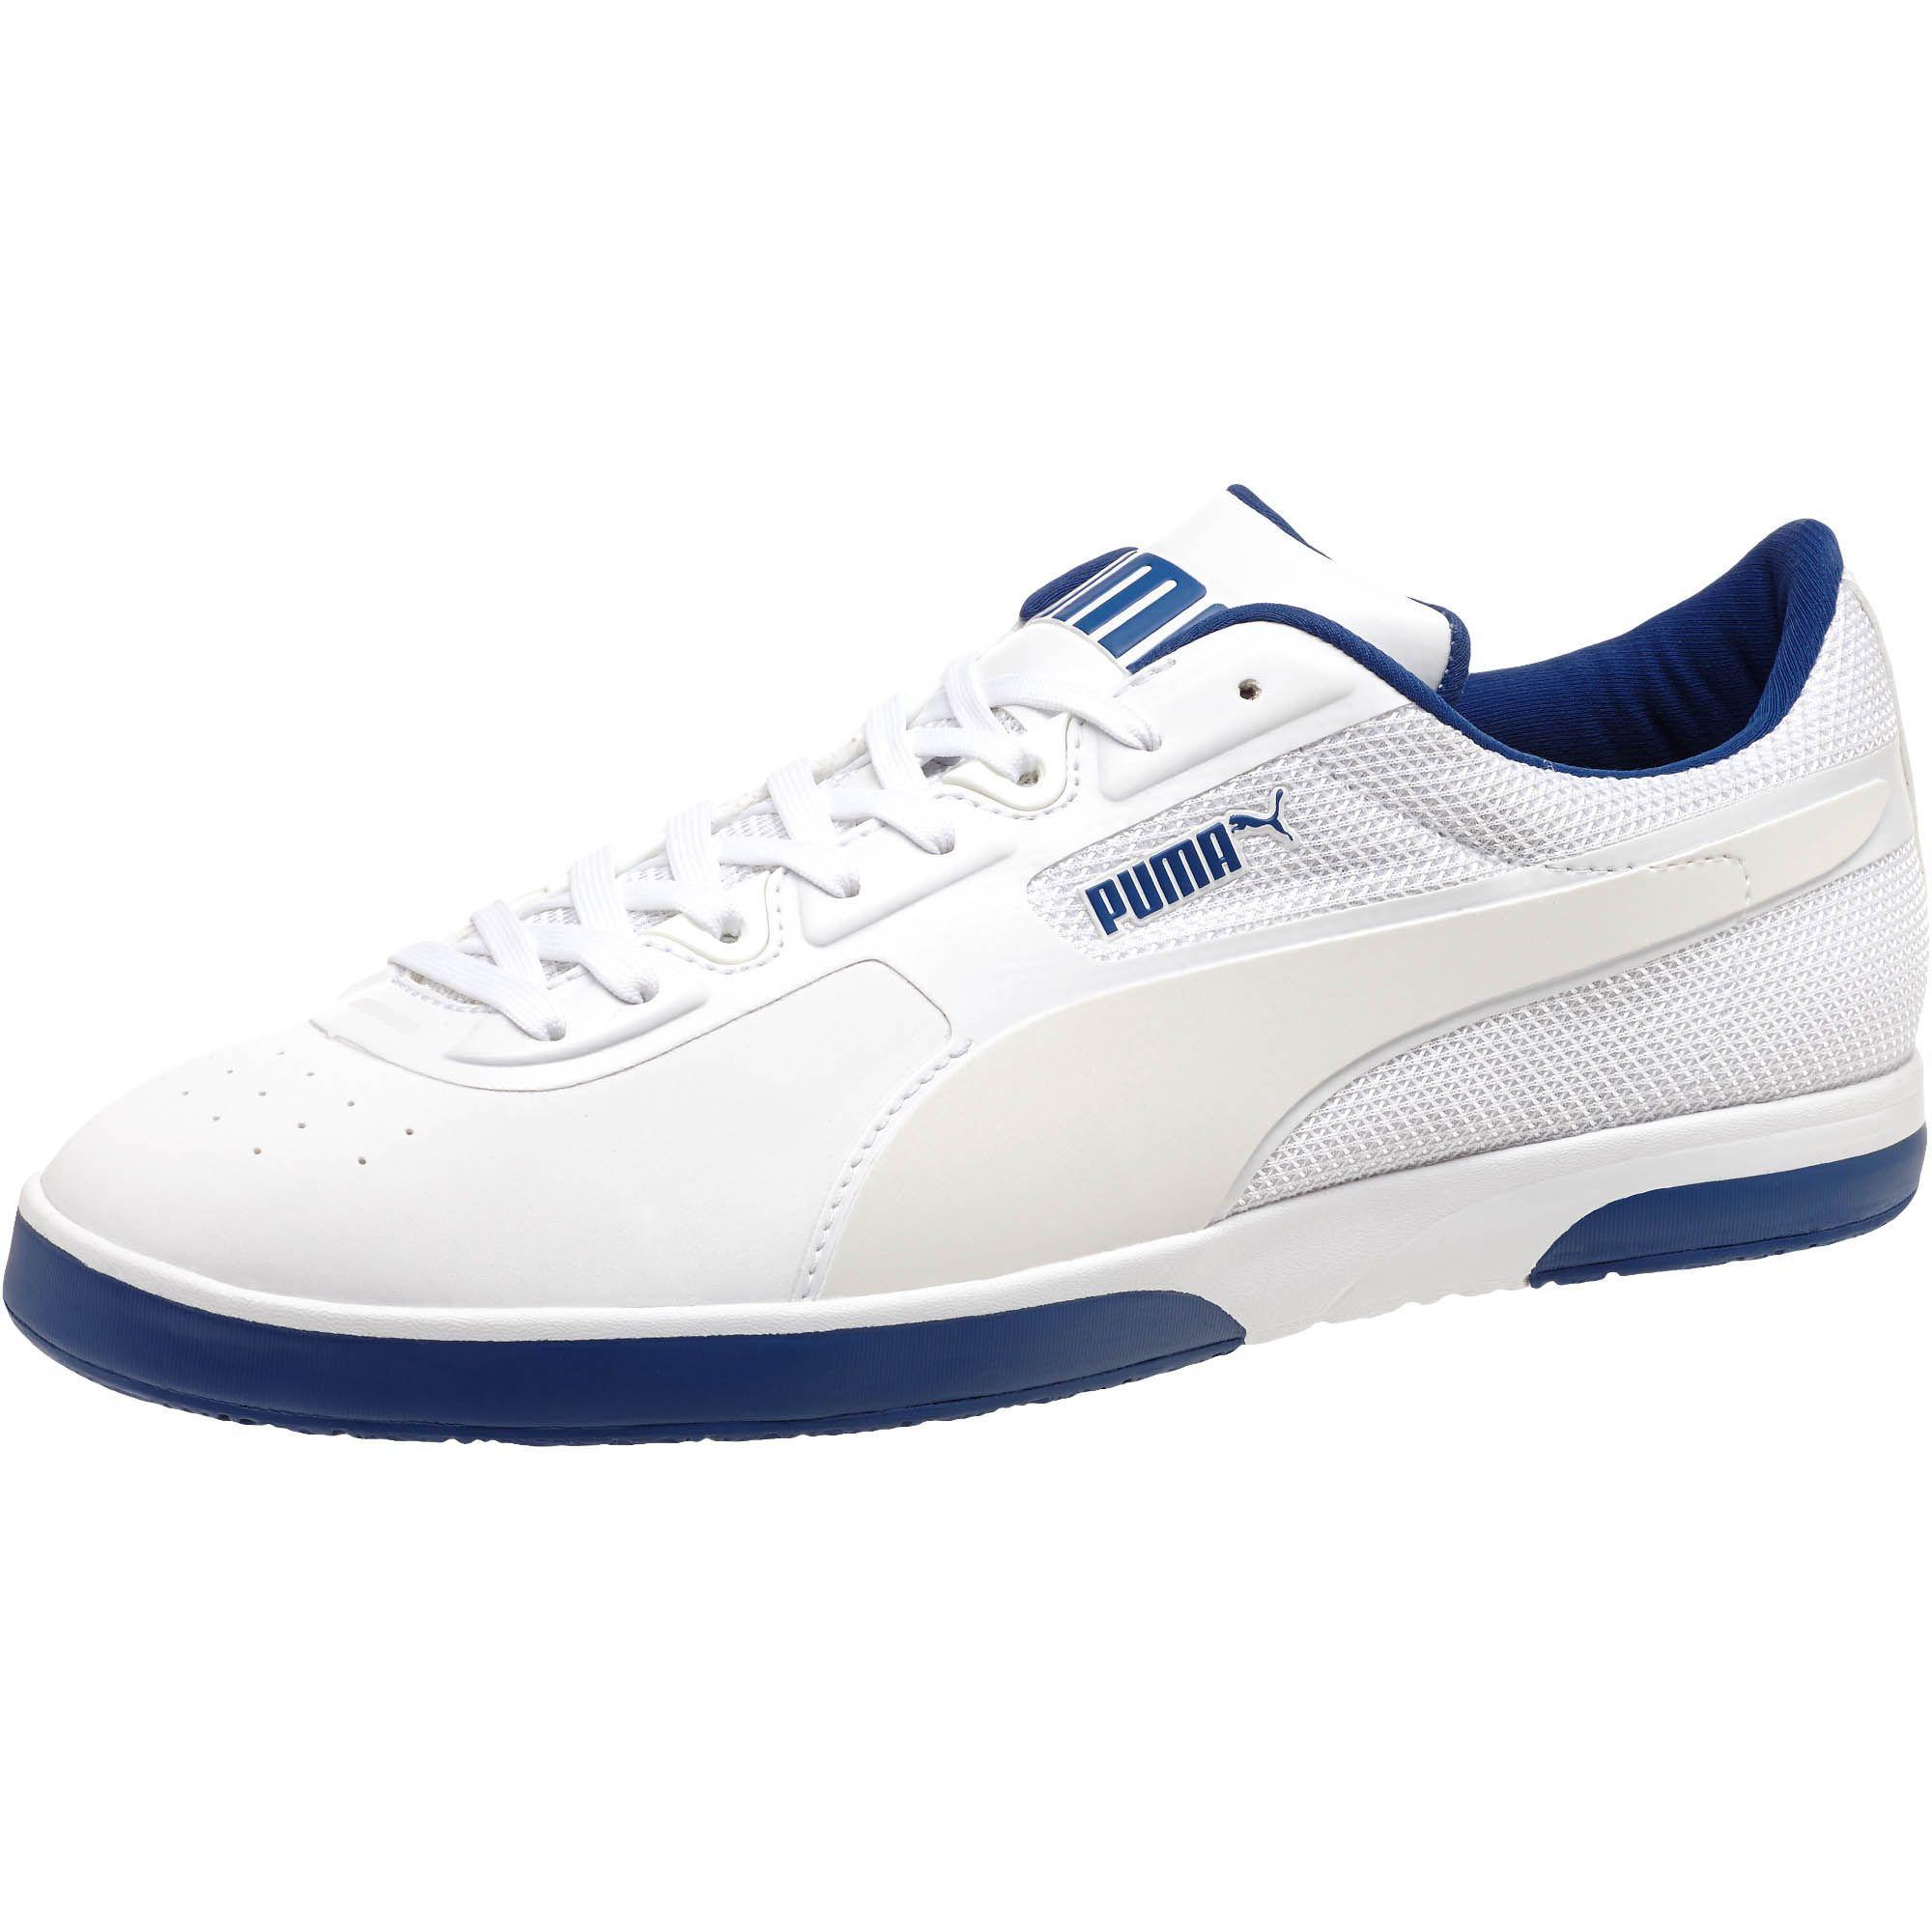 0c9bc68a64a PUMA Future Brasil Lite Men s Sneakers